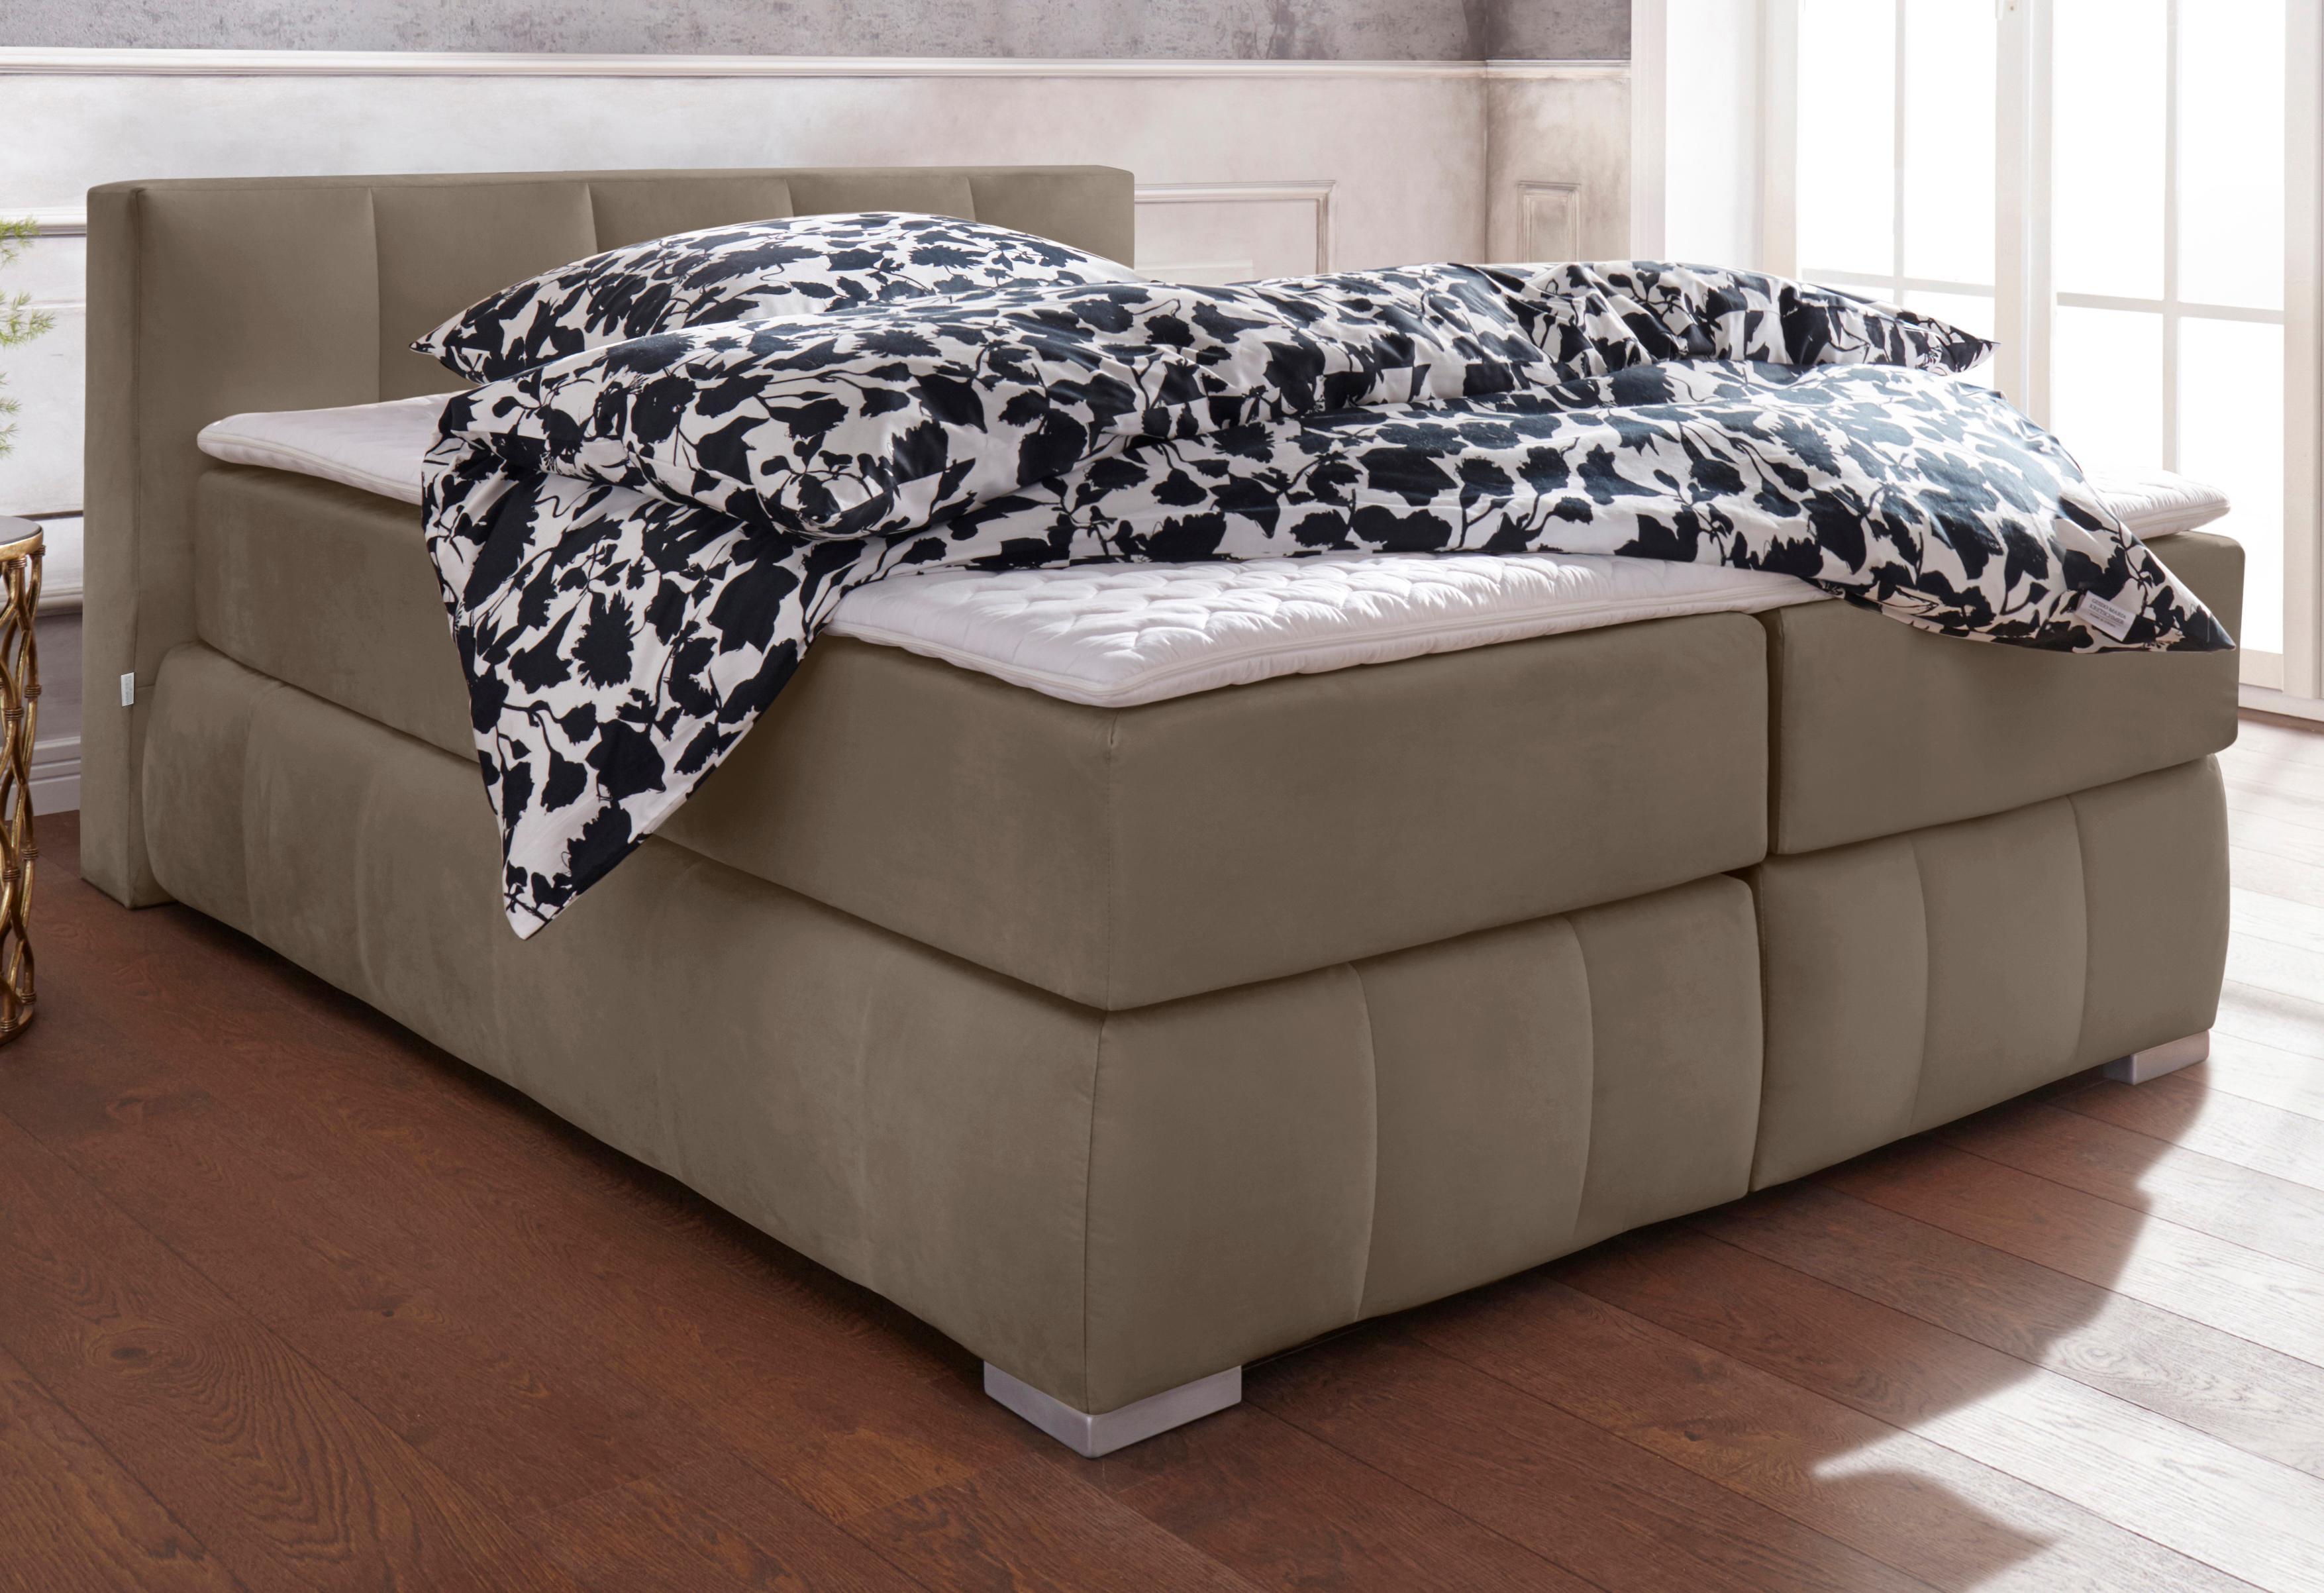 GMK Home & Living Boxspringbett  Chelles , inkl. Kaltschaumtopper, in 5 Breiten und 3 Ausf Preisvergleich